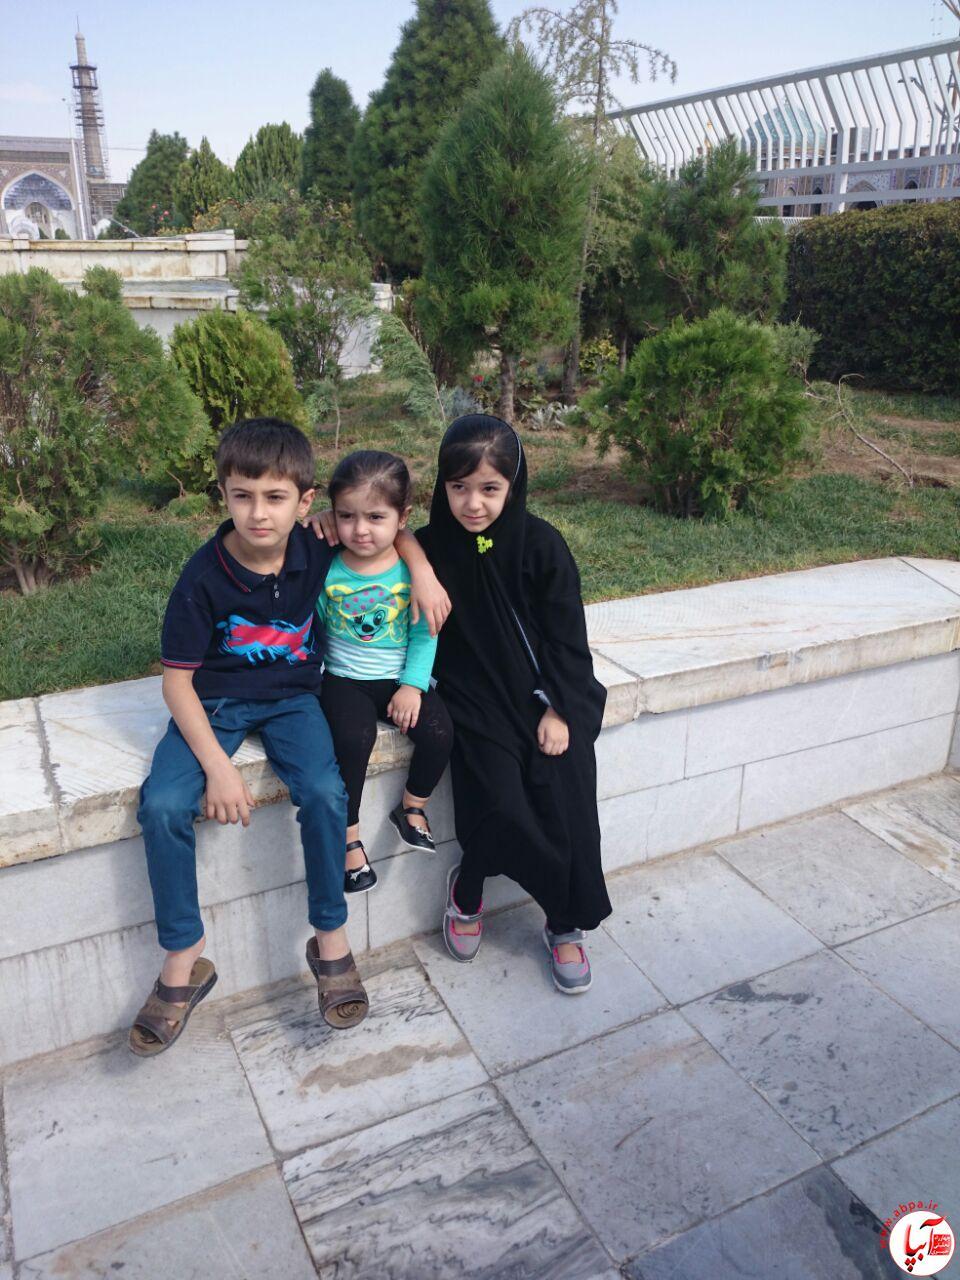 ثنایکتا-افشاری-علیرضا-محمدی گالری کودک گلهای آبپا/ ویژه مرداد 95